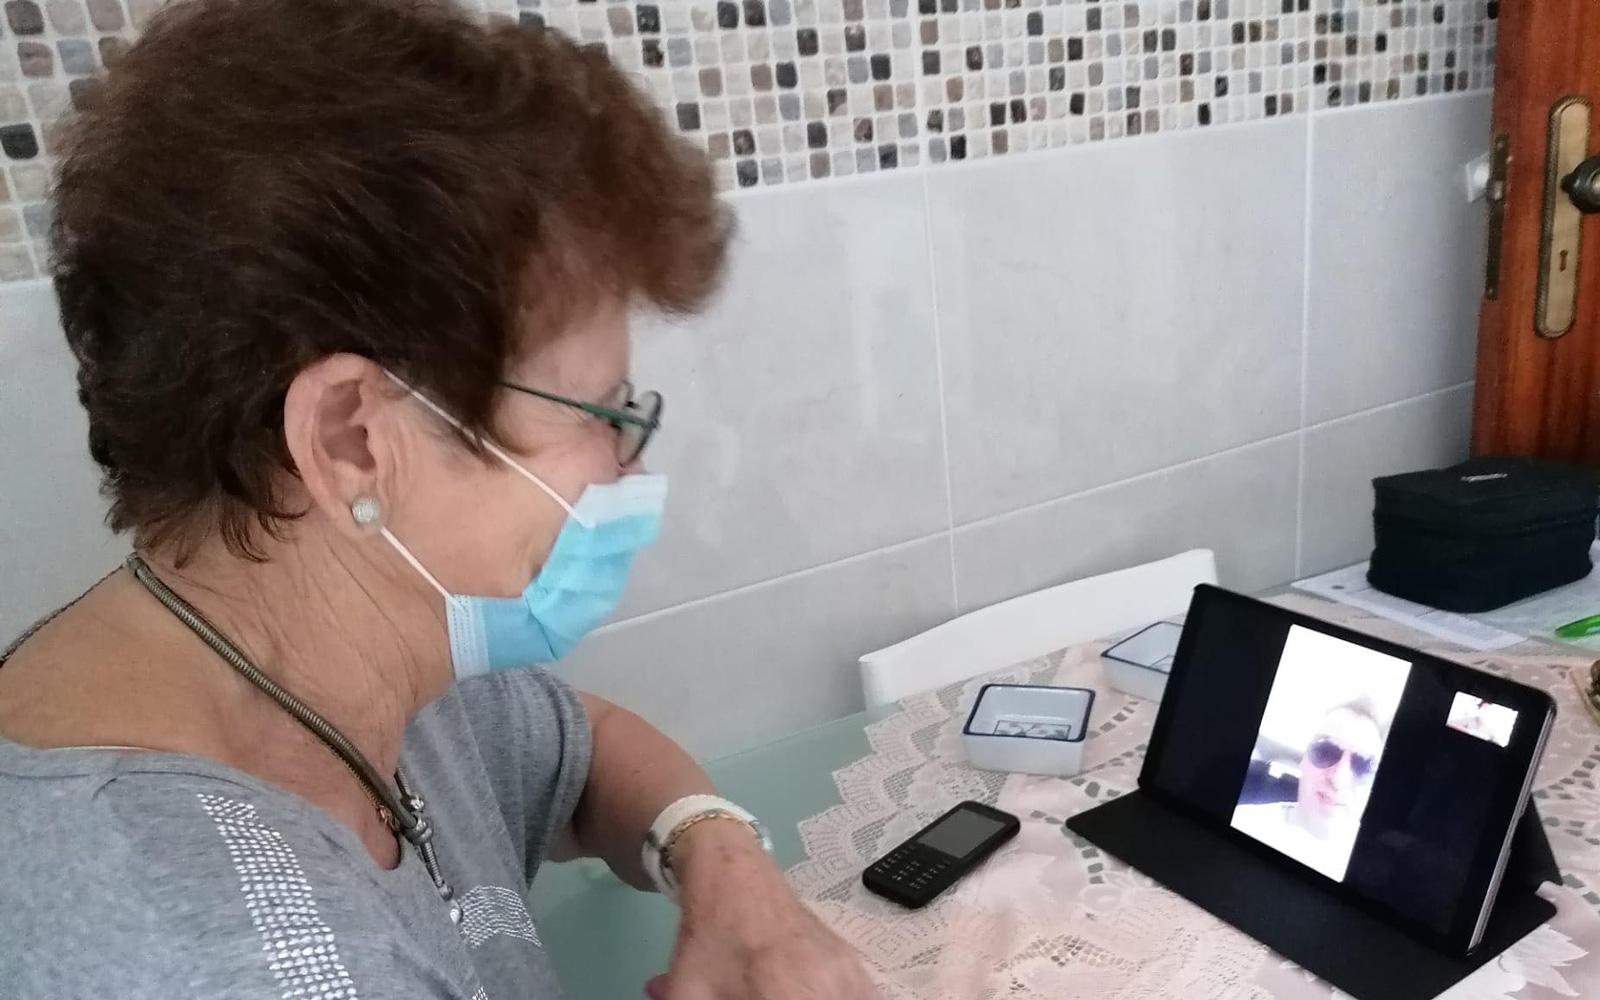 Manuela Guerreiro fala com a família por vídeochamada © DR